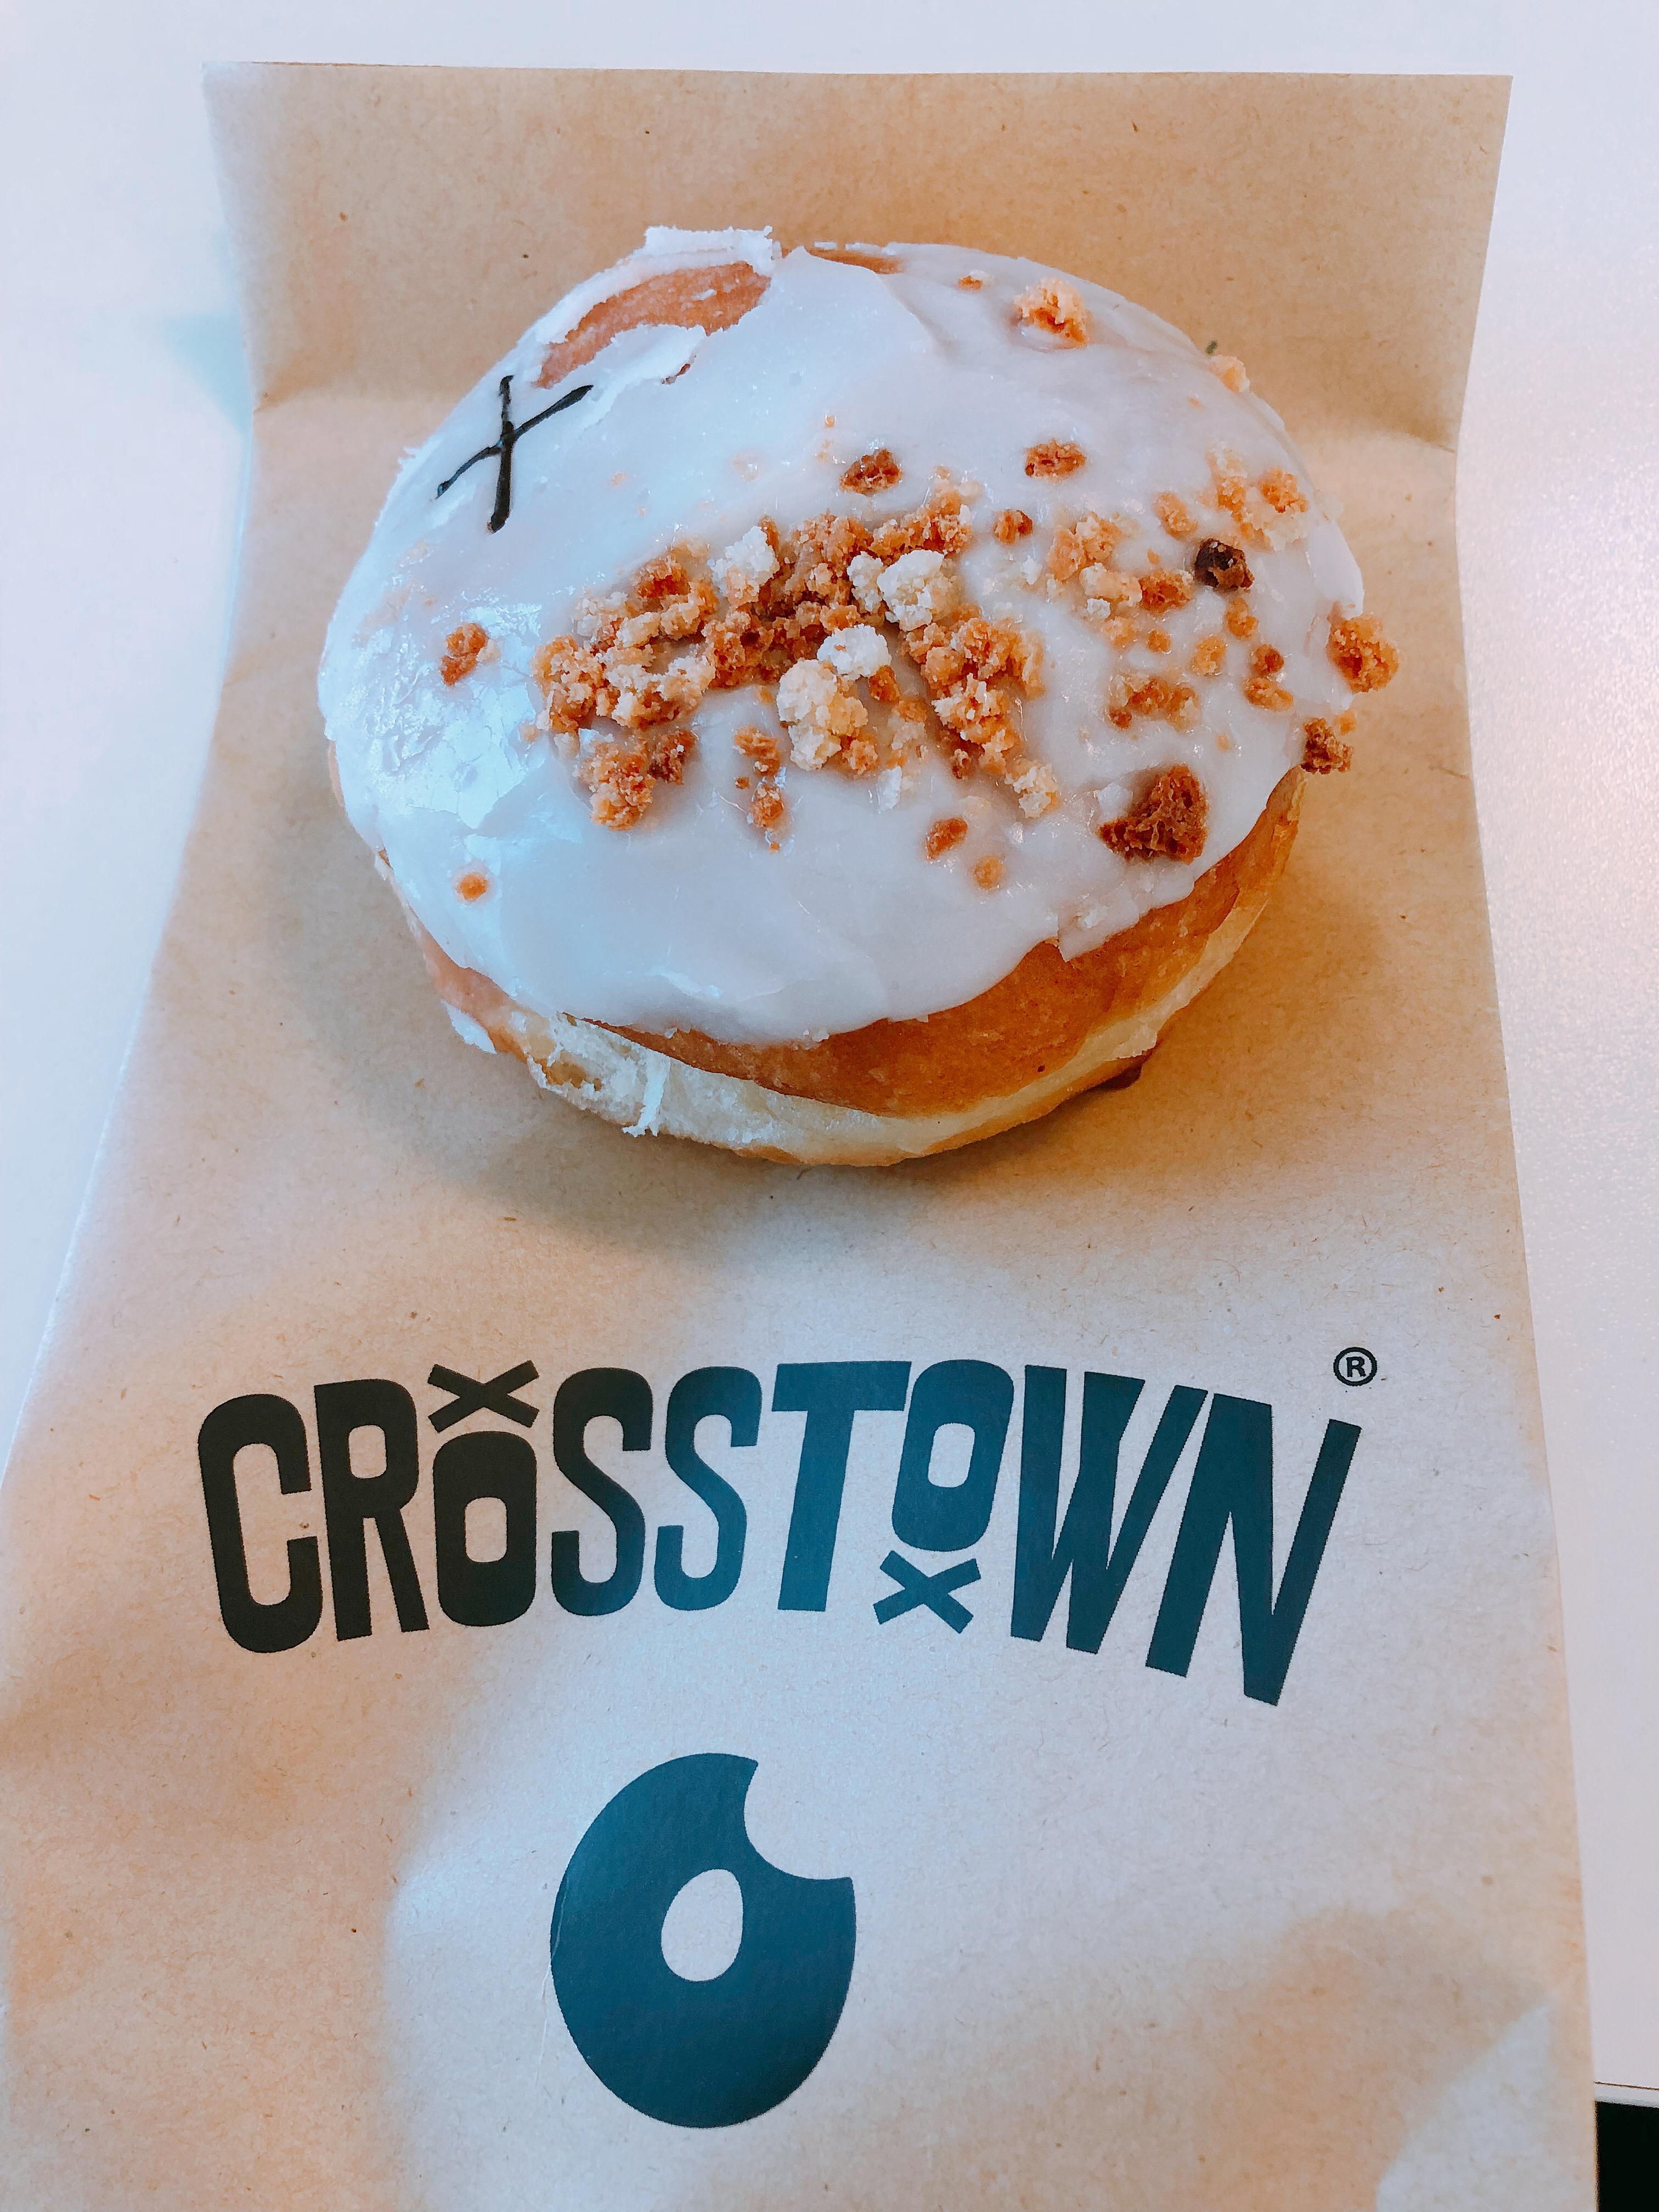 crosstown doughnut roasted peach